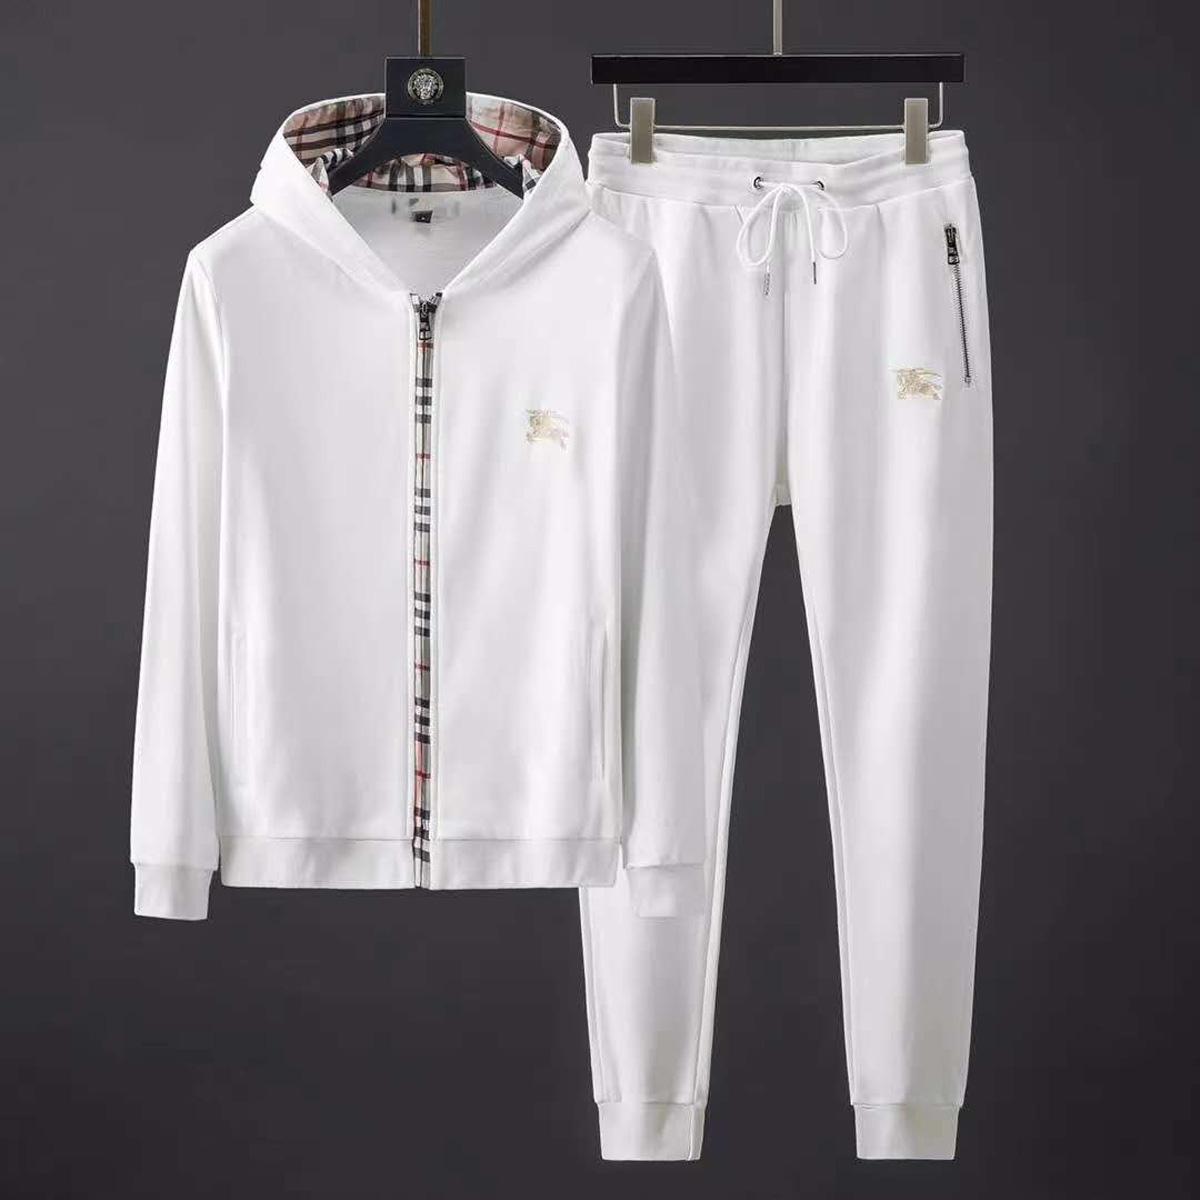 Giacca Moda Abbigliamento sportivo uomo di lusso Esecuzione Lettera Sportswear Medusa maschile Stampa con cappuccio Abbigliamento